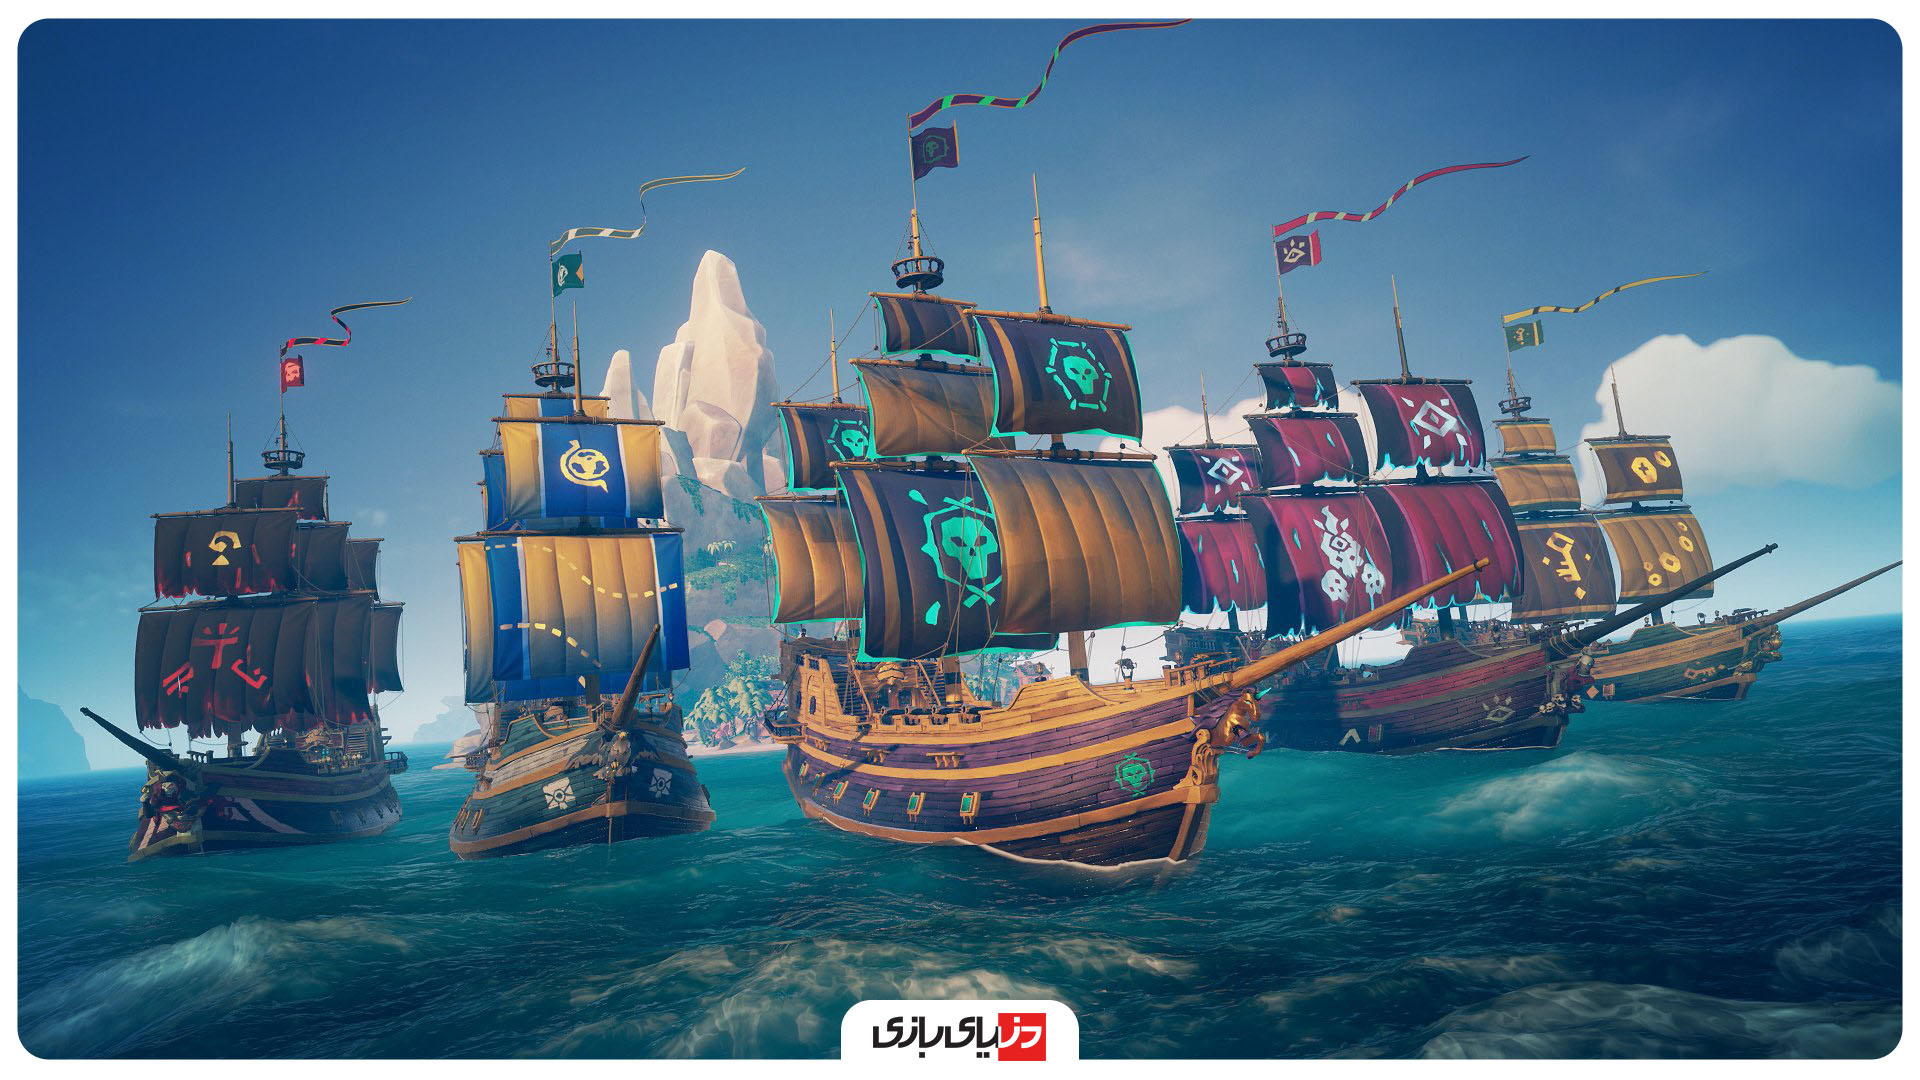 بررسی بازی Sea of Thieves - گیم پلی Sea of Thieves